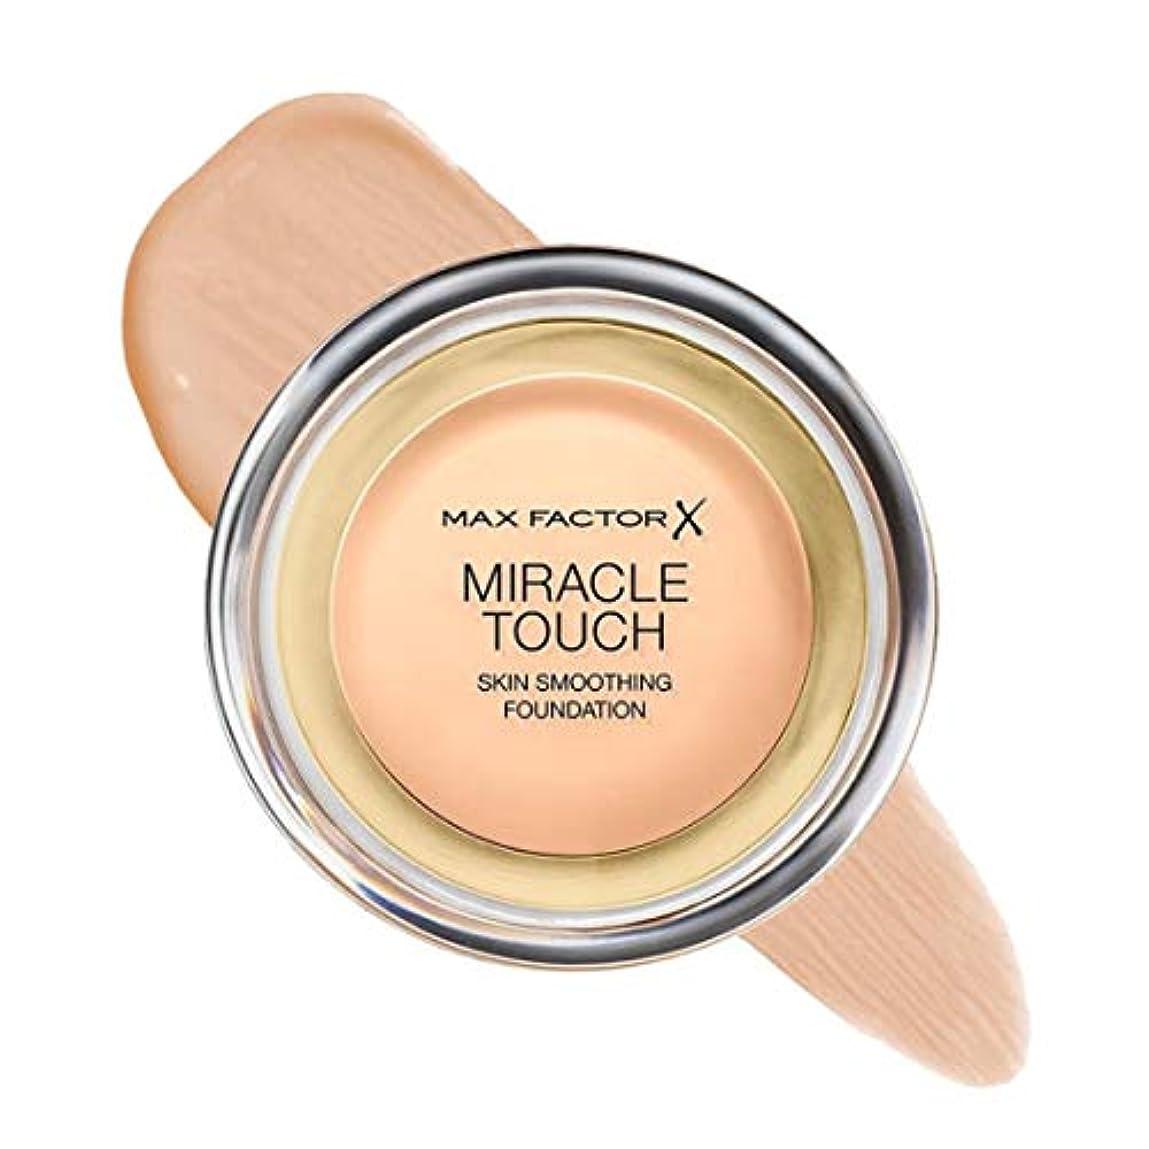 ドリンクを除く誰もマックス ファクター ミラクル タッチ スキン スムーズ ファウンデーション - ナチュラル Max Factor Miracle Touch Skin Smoothing Foundation - Natural 070...